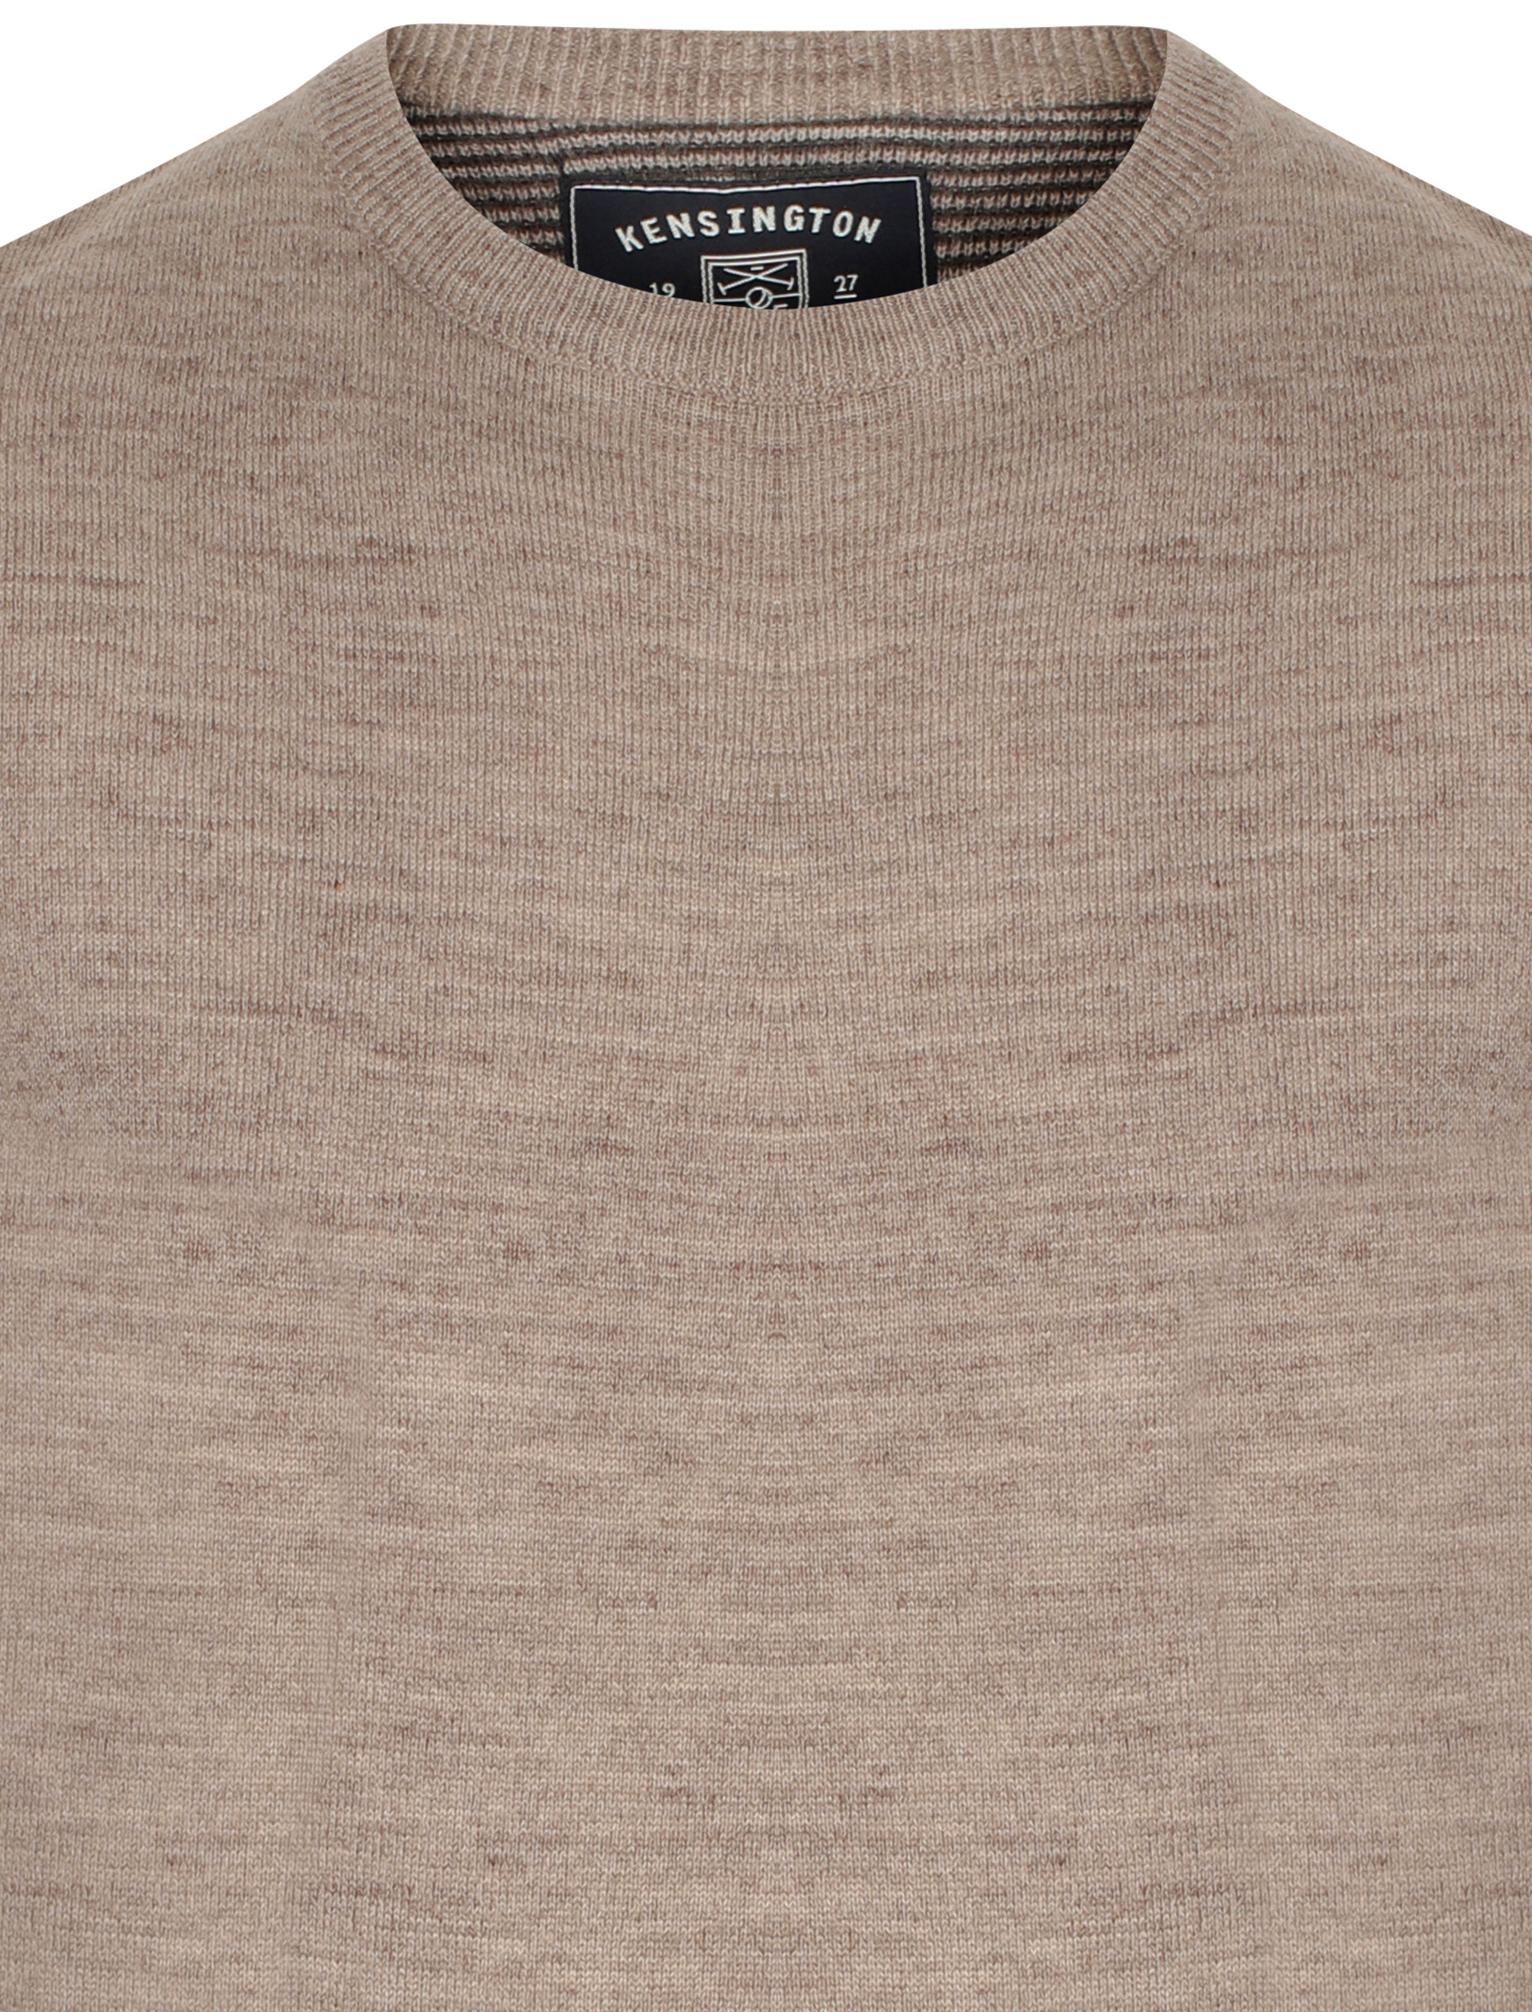 Kensington-Eastside-Men-039-s-Knitted-Crew-or-V-Neck-Jumper-Sweater-Top-Pullover thumbnail 16